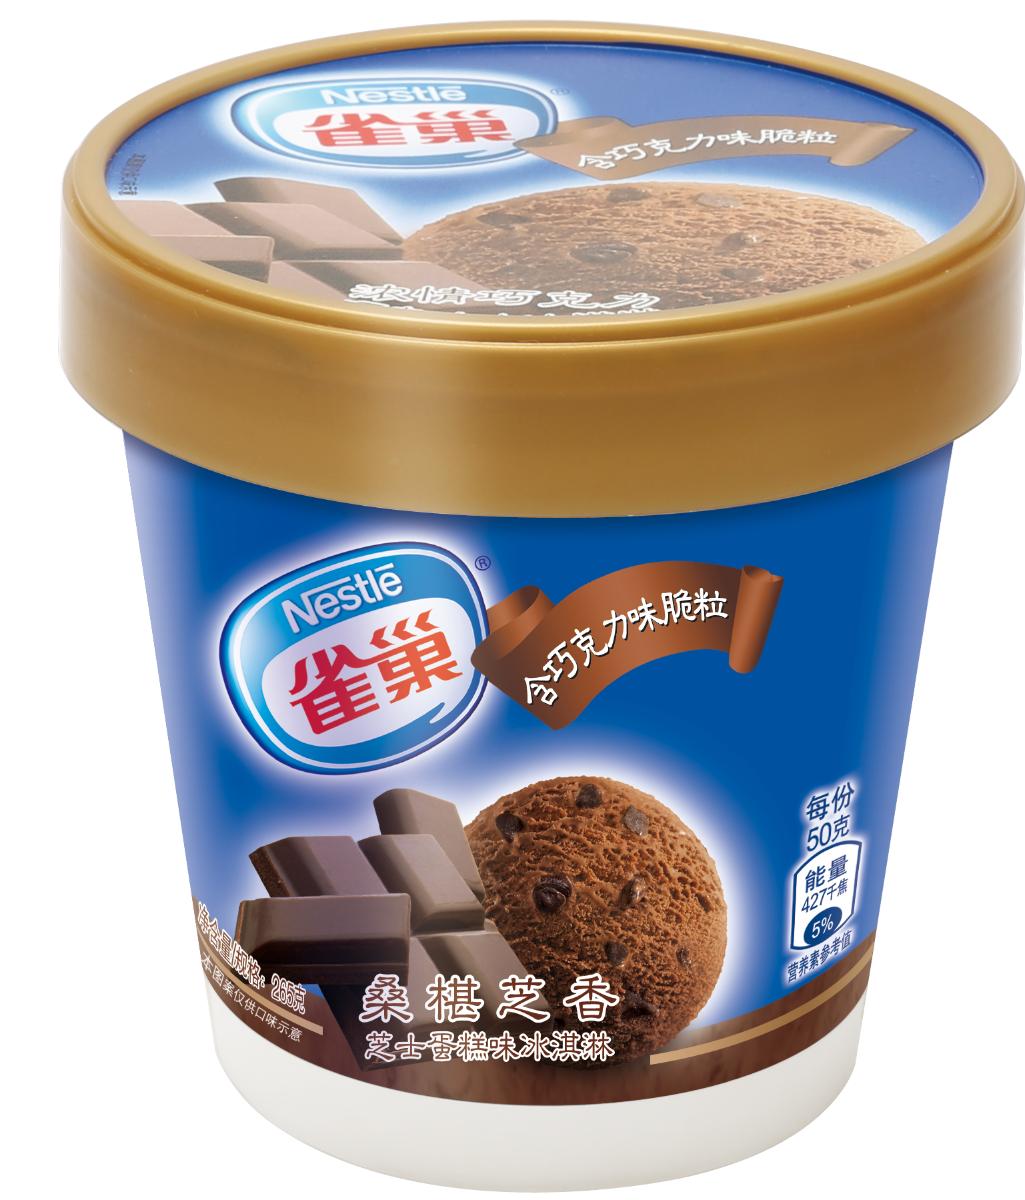 雀巢冰淇淋雪糕